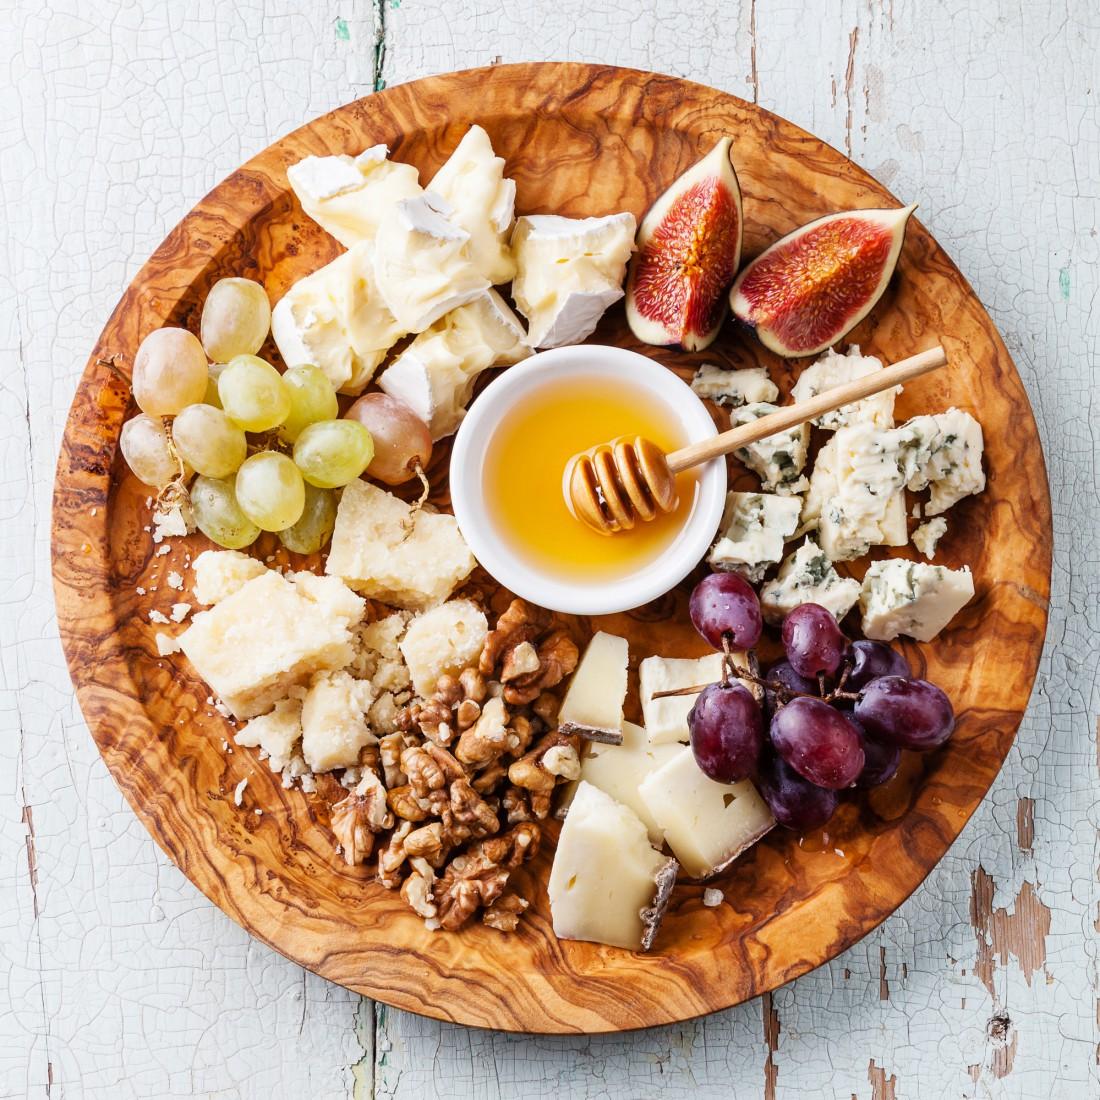 Сыр и молочные продукты